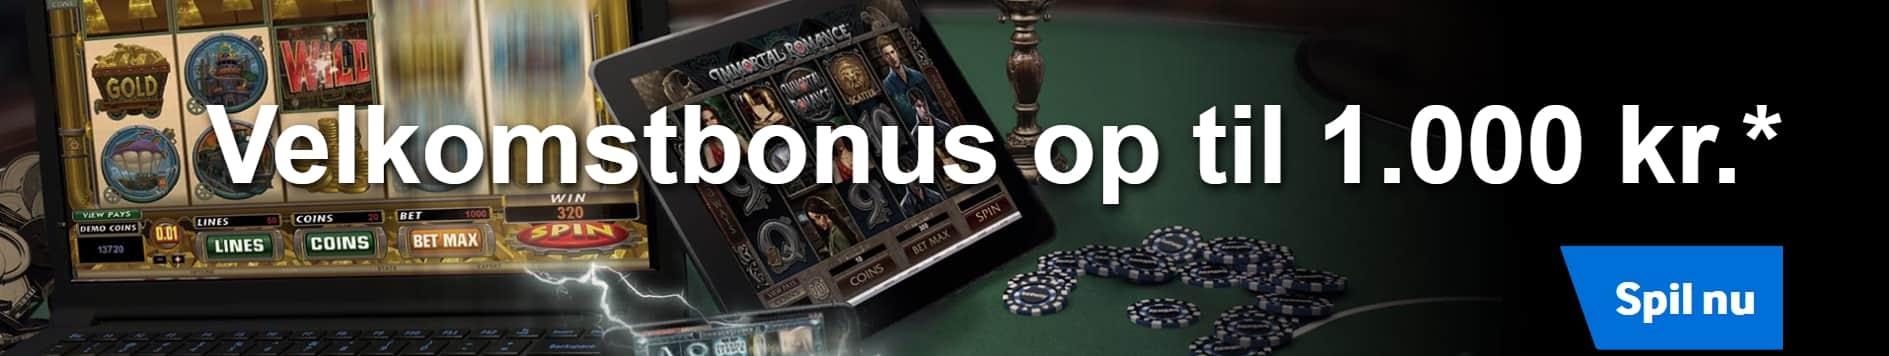 casino med velkomstbonus